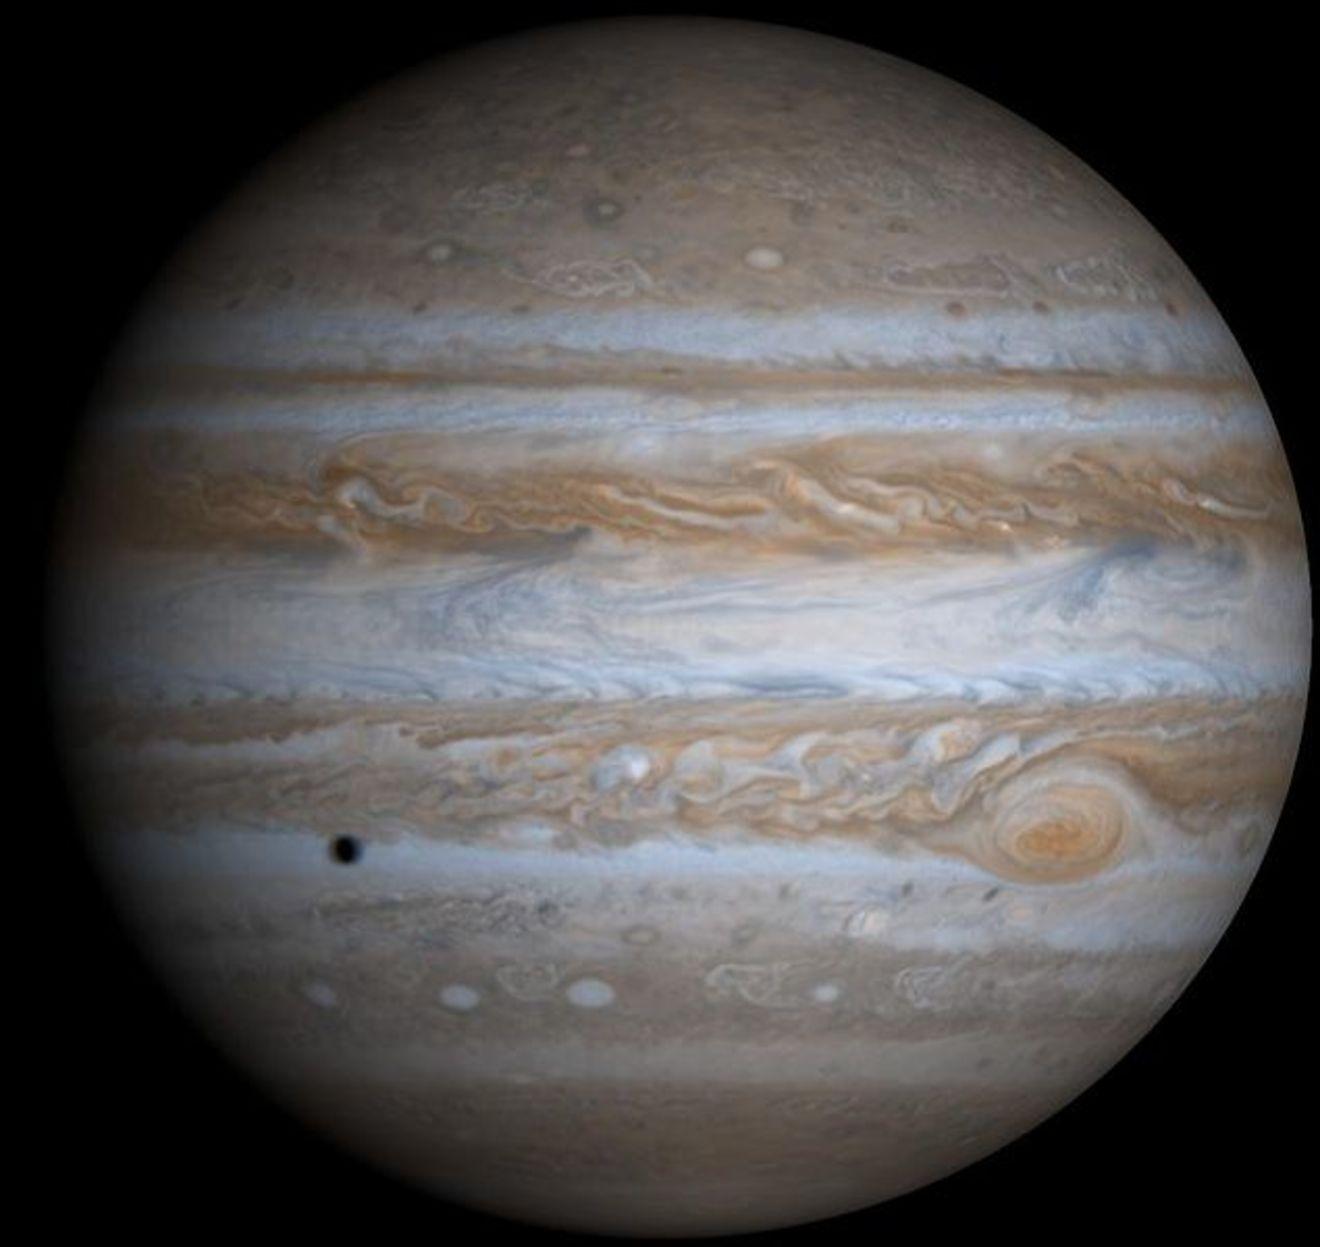 5分でわかる木星の特徴!温度、重力、表面や内部の謎などをわかりやすく解説